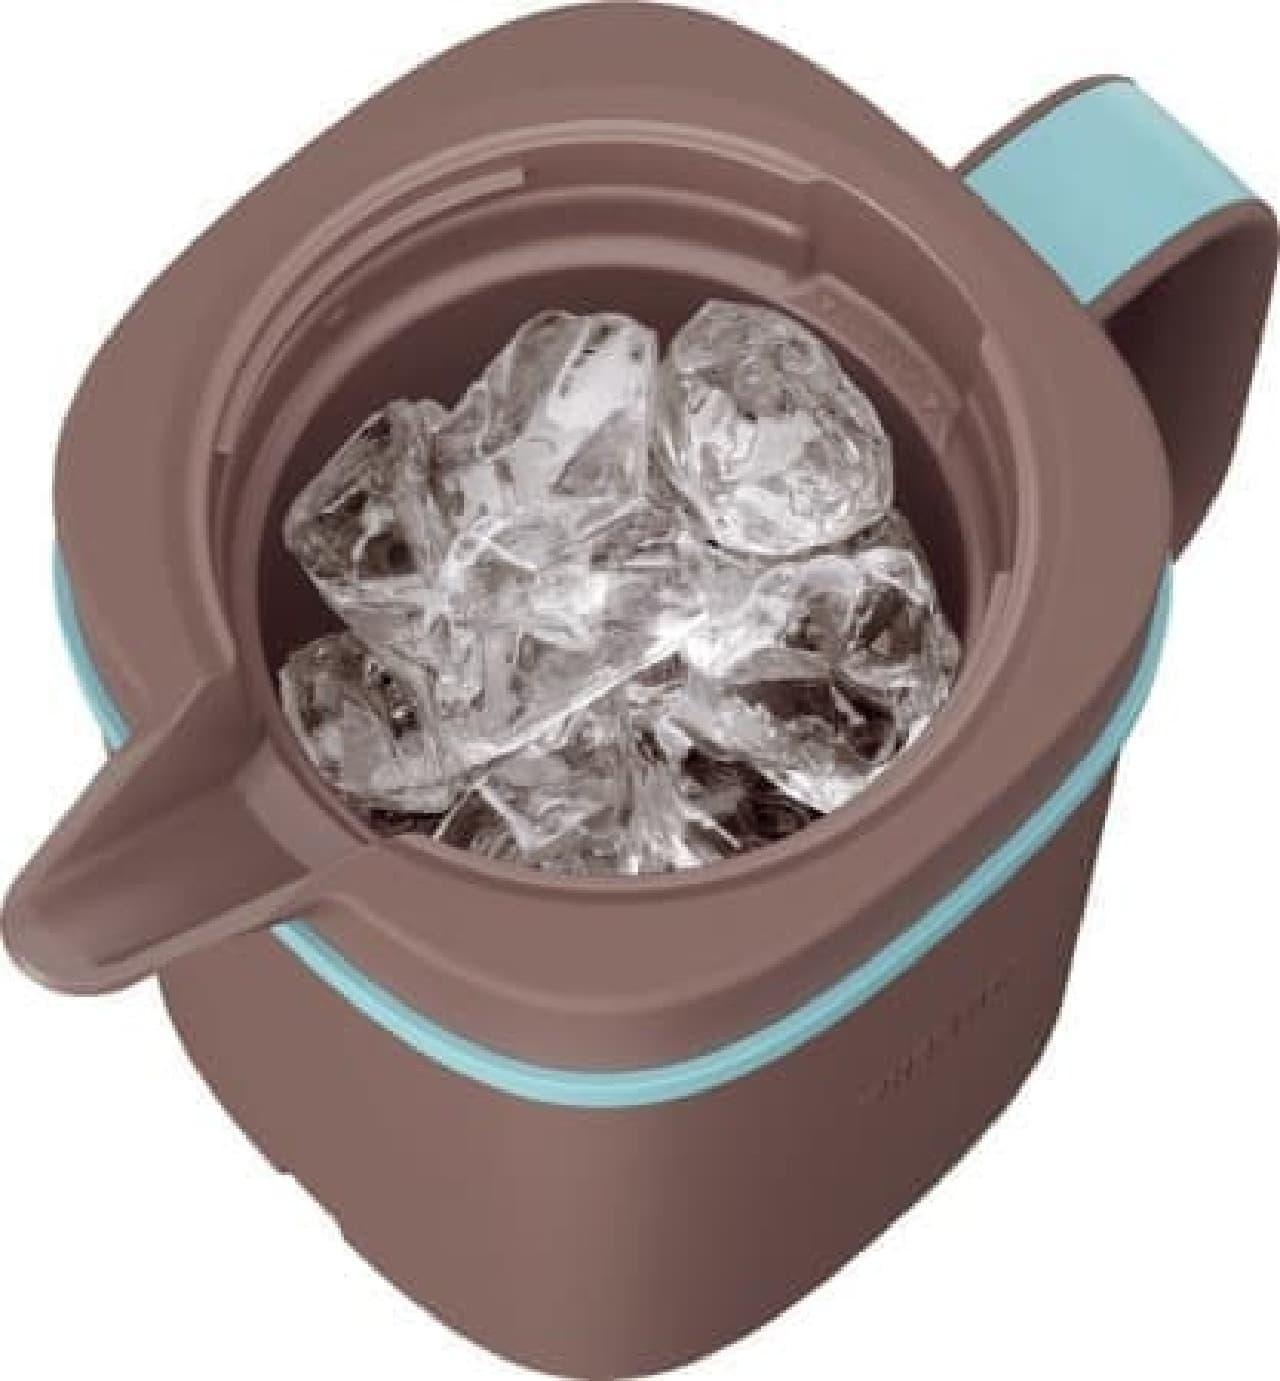 氷で一気に冷やすことで、透明感あるコーヒーに